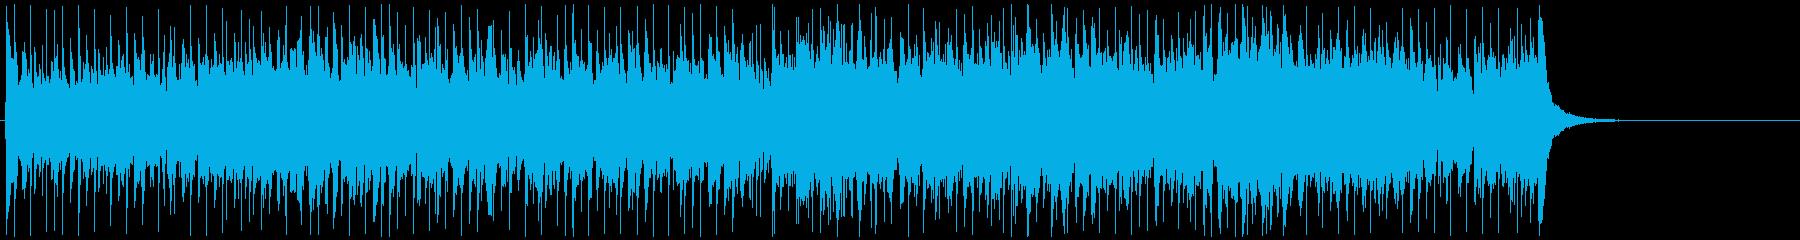 CM ショッピング 店内 情報 企業の再生済みの波形